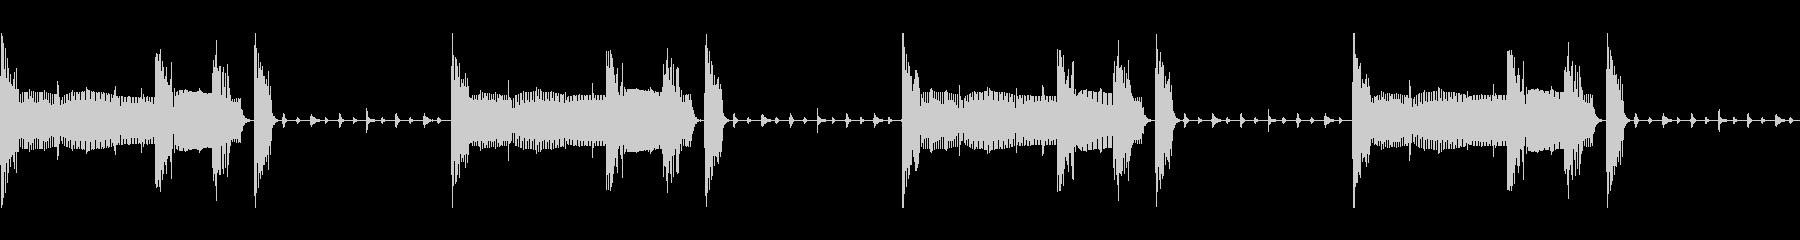 シンキングタイム、侵入(ループ)の未再生の波形